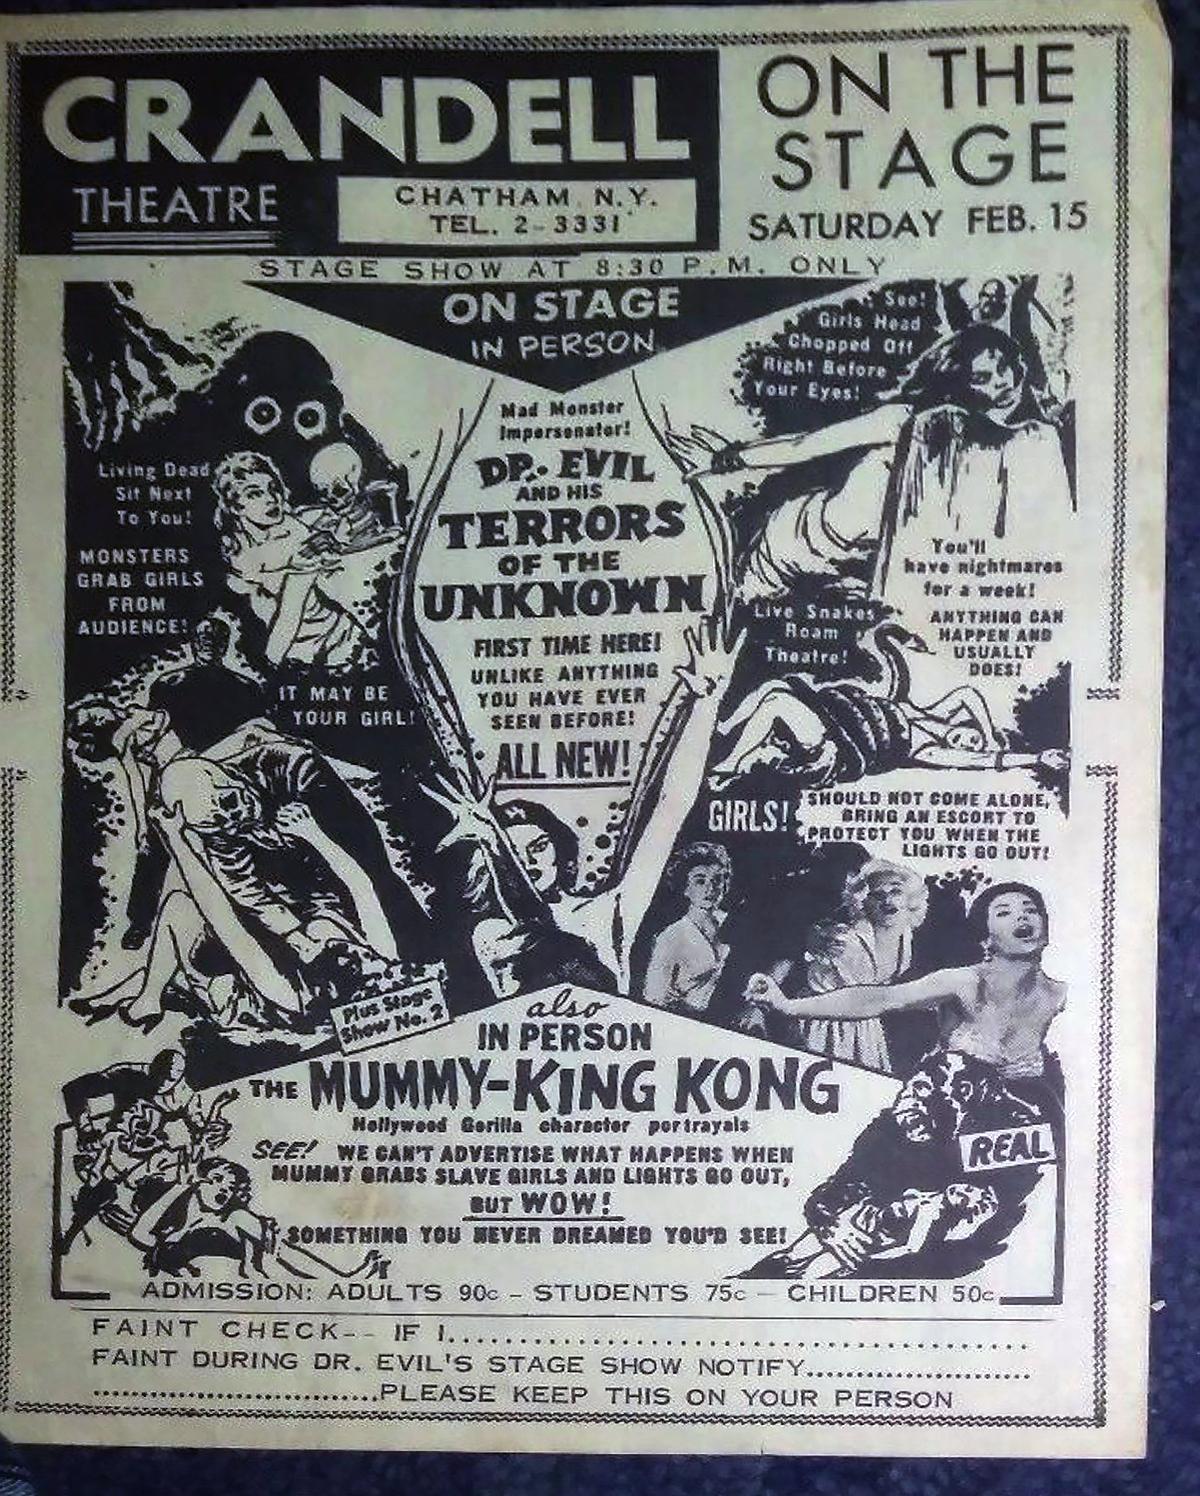 Crandell-Theater-Chatham-NY